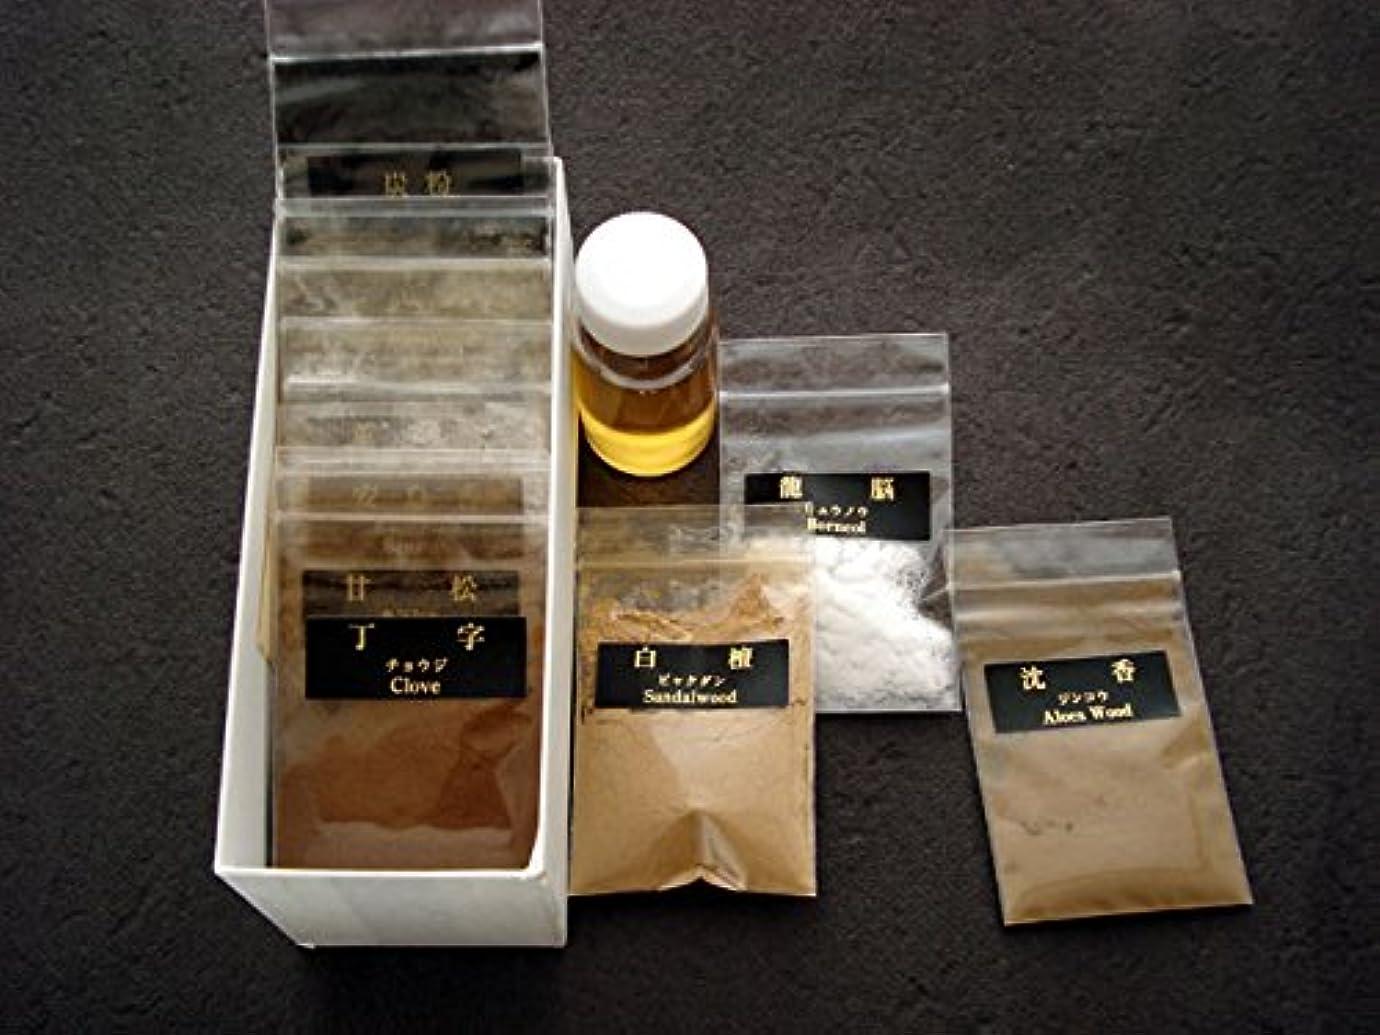 配置ケーブル影オリジナルの香り 香り遊び 薫物(煉香) 香原料揃え 【練香】